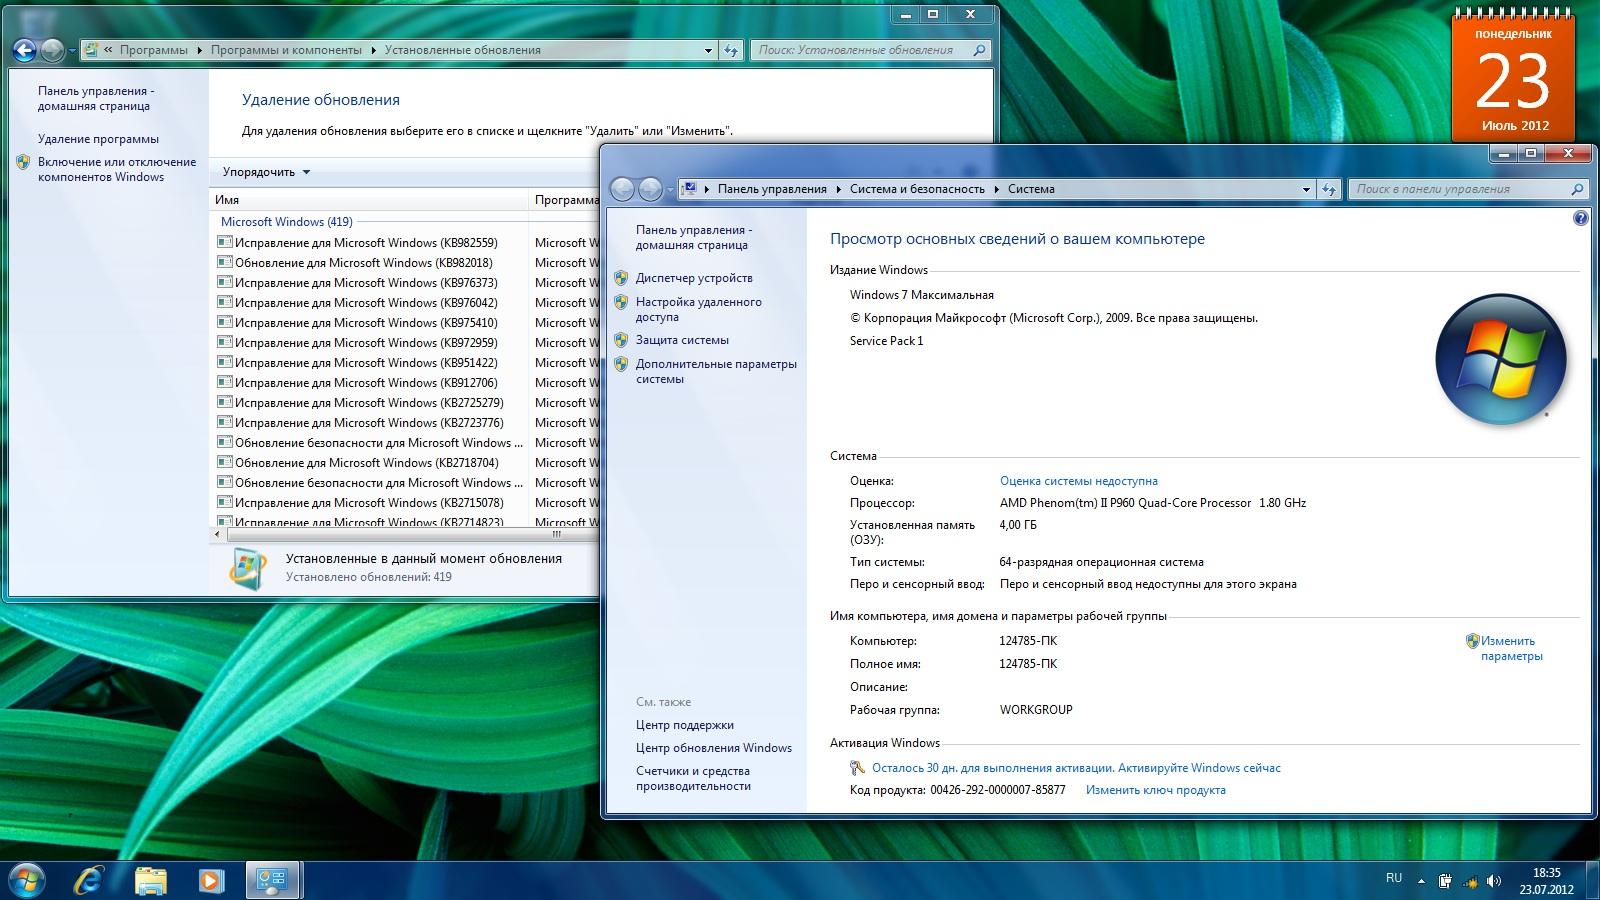 Windows 7 максимальная sp1 rus original (x86/x64) (23. 07. 2012.